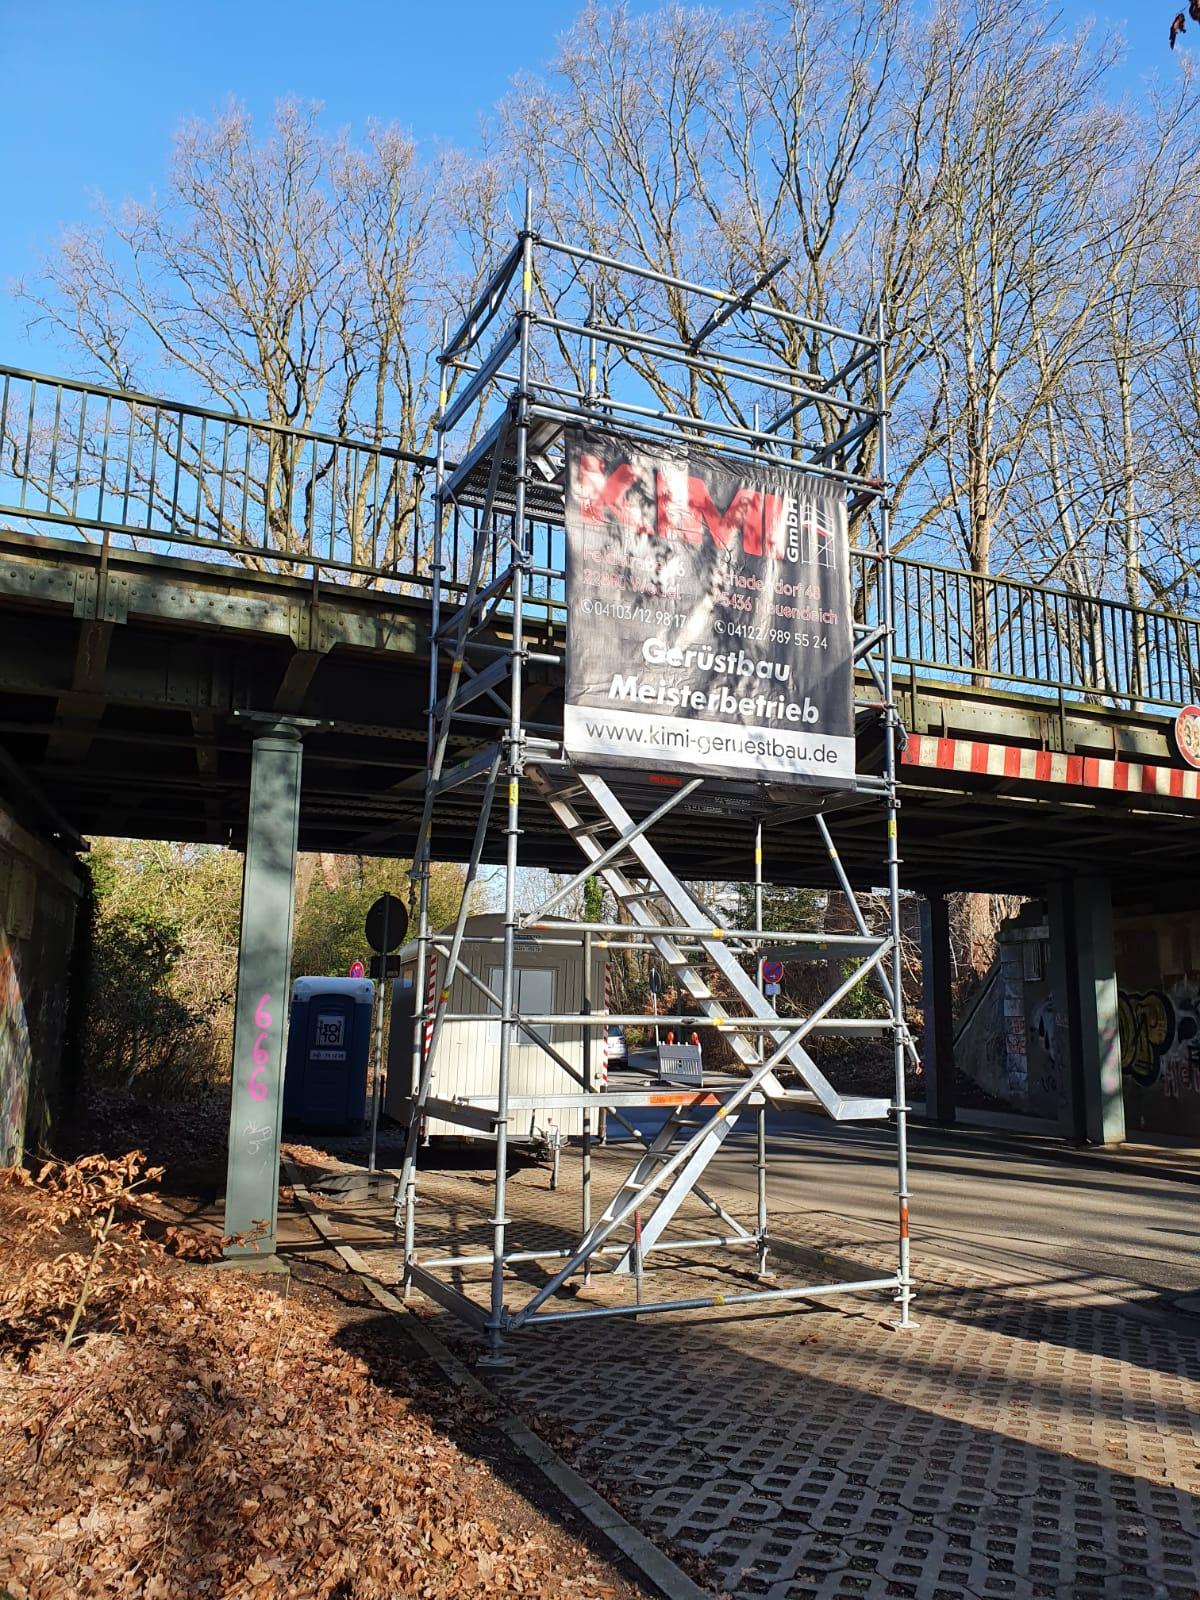 Industriespezialgerüst S-Bahn-Brücke Hamburg in Zusammenarbeit mit Stahlbau Schröder-Bild-2